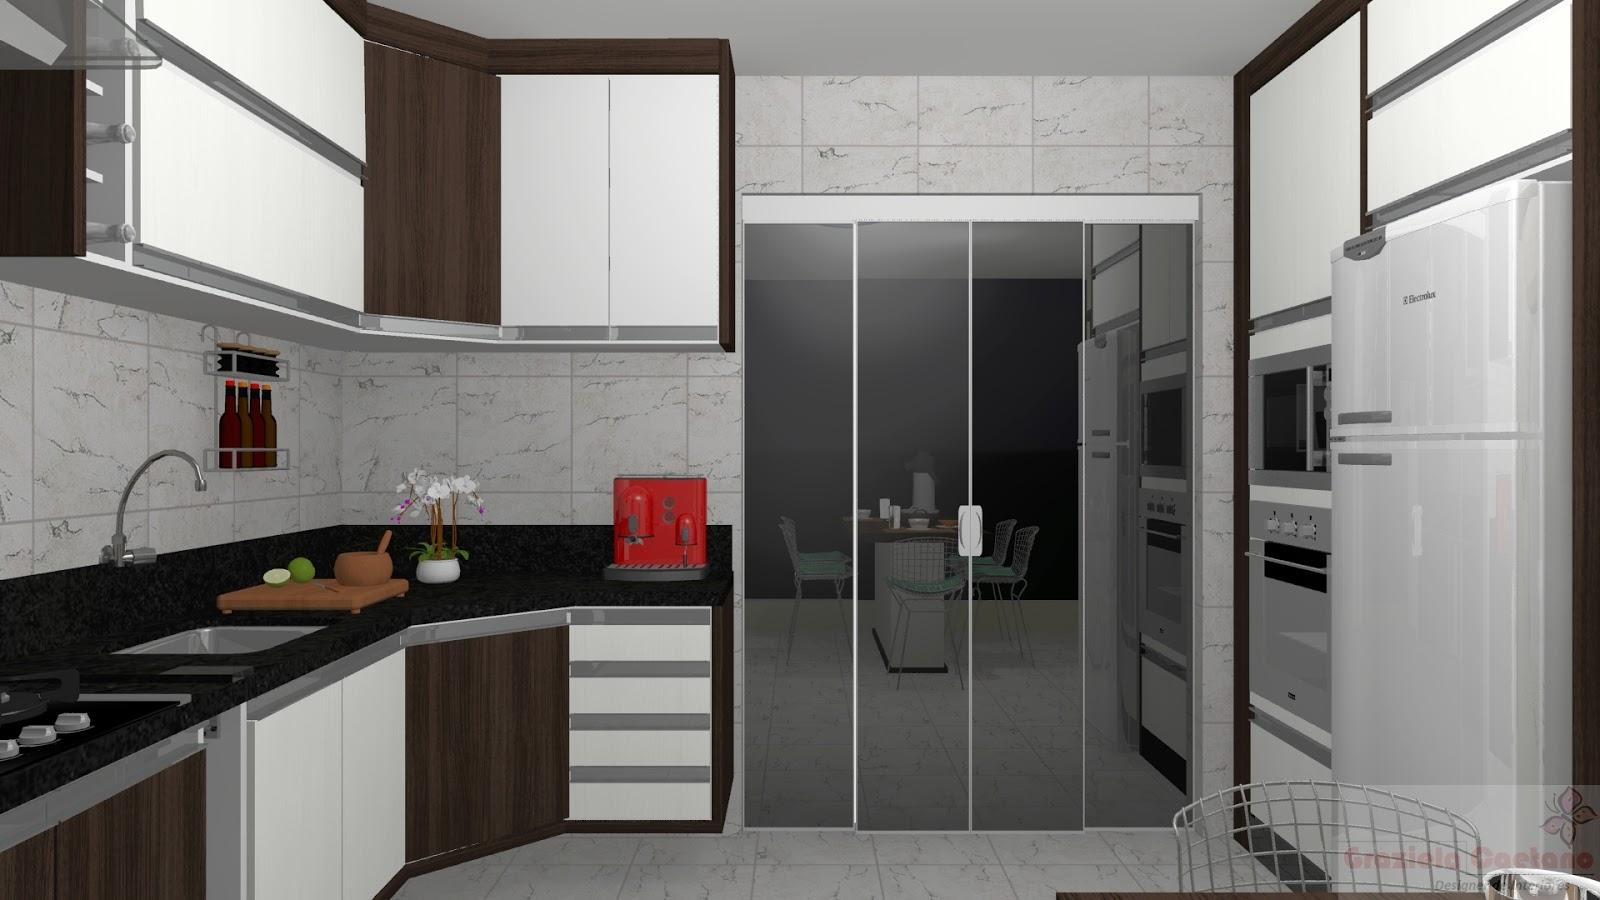 Espaço Nobre Design: Cozinha c/ Mesa de Jantar (Carvalho Francês x  #7B362C 1600 900